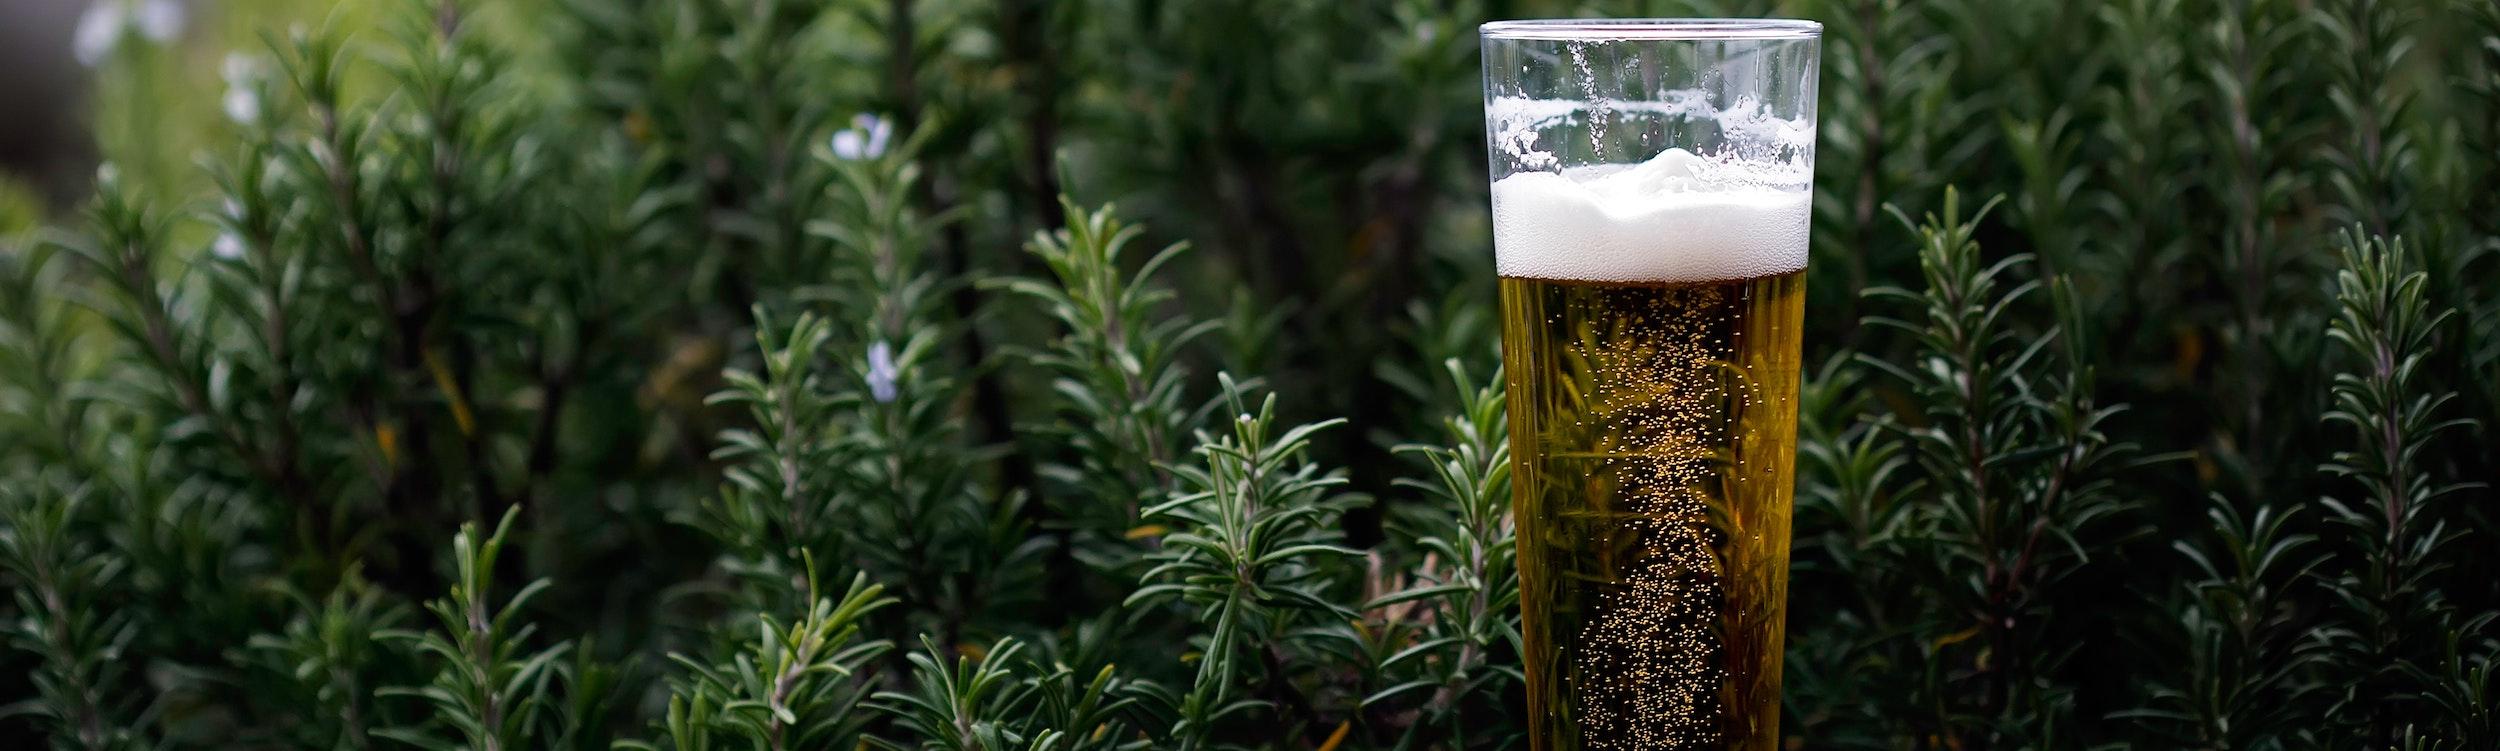 International Beer Day - In Ventura & Beyond